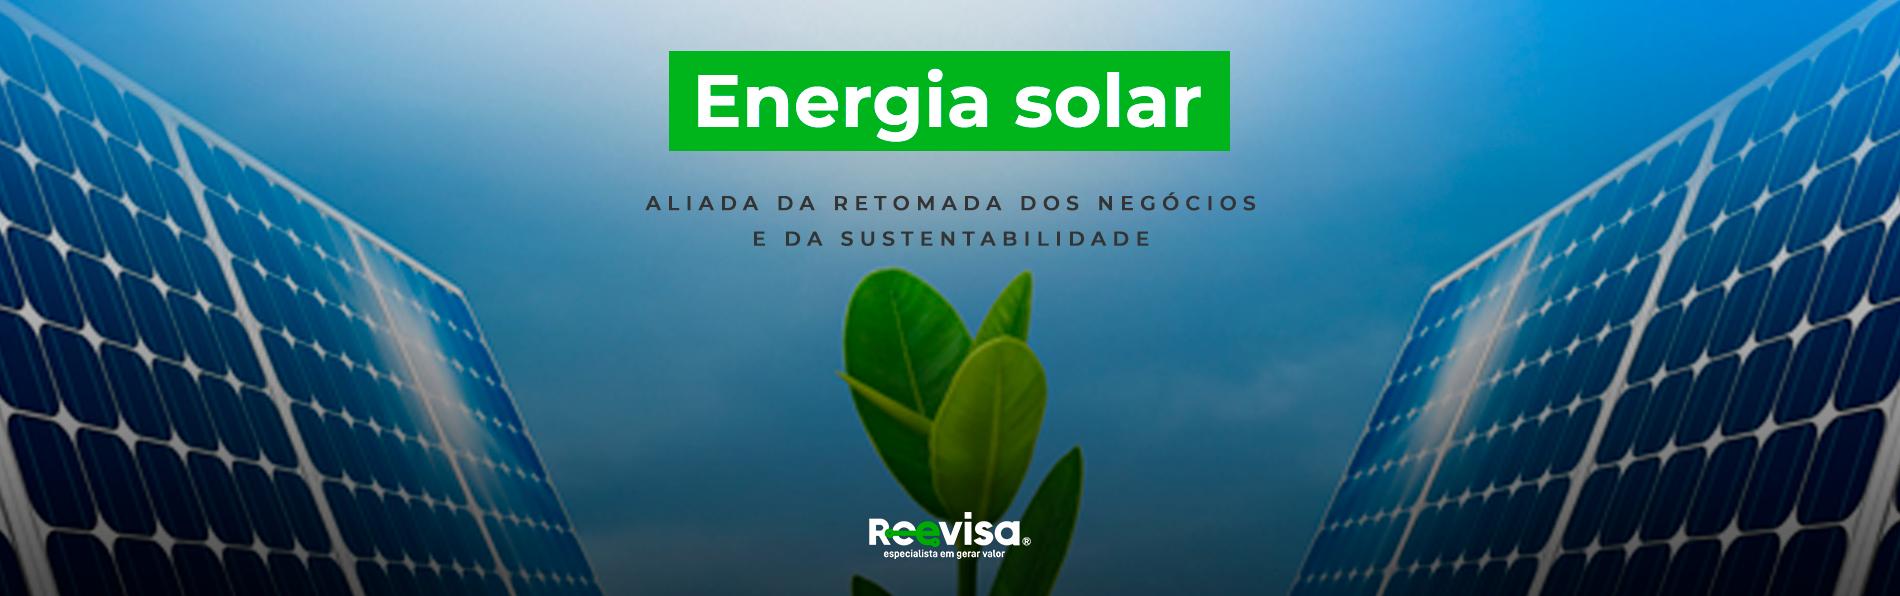 Energia renovável solar: aliada dos negócios e da sustentabilidade